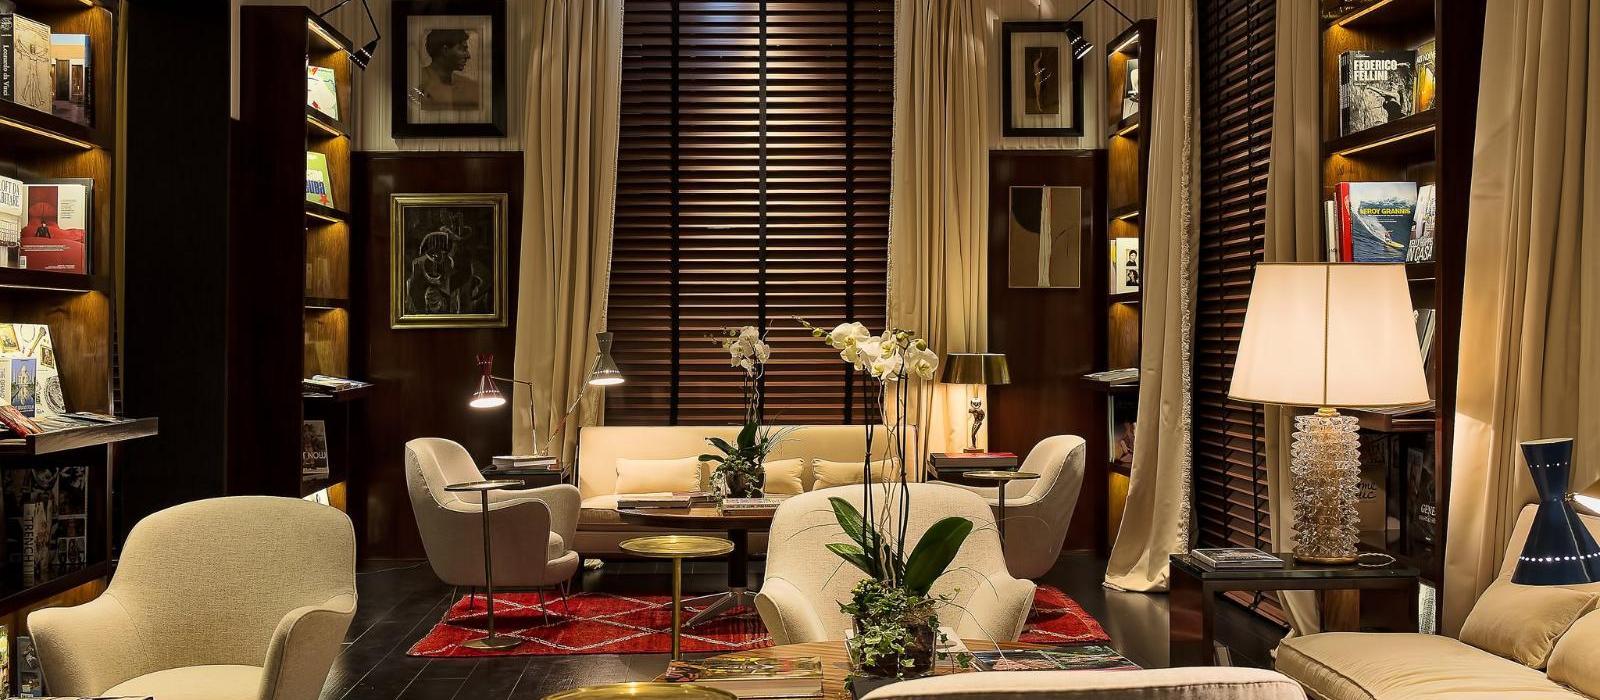 罗马锦凯酒店(J.K. Place Roma) 阅读区域图片  www.lhw.cn